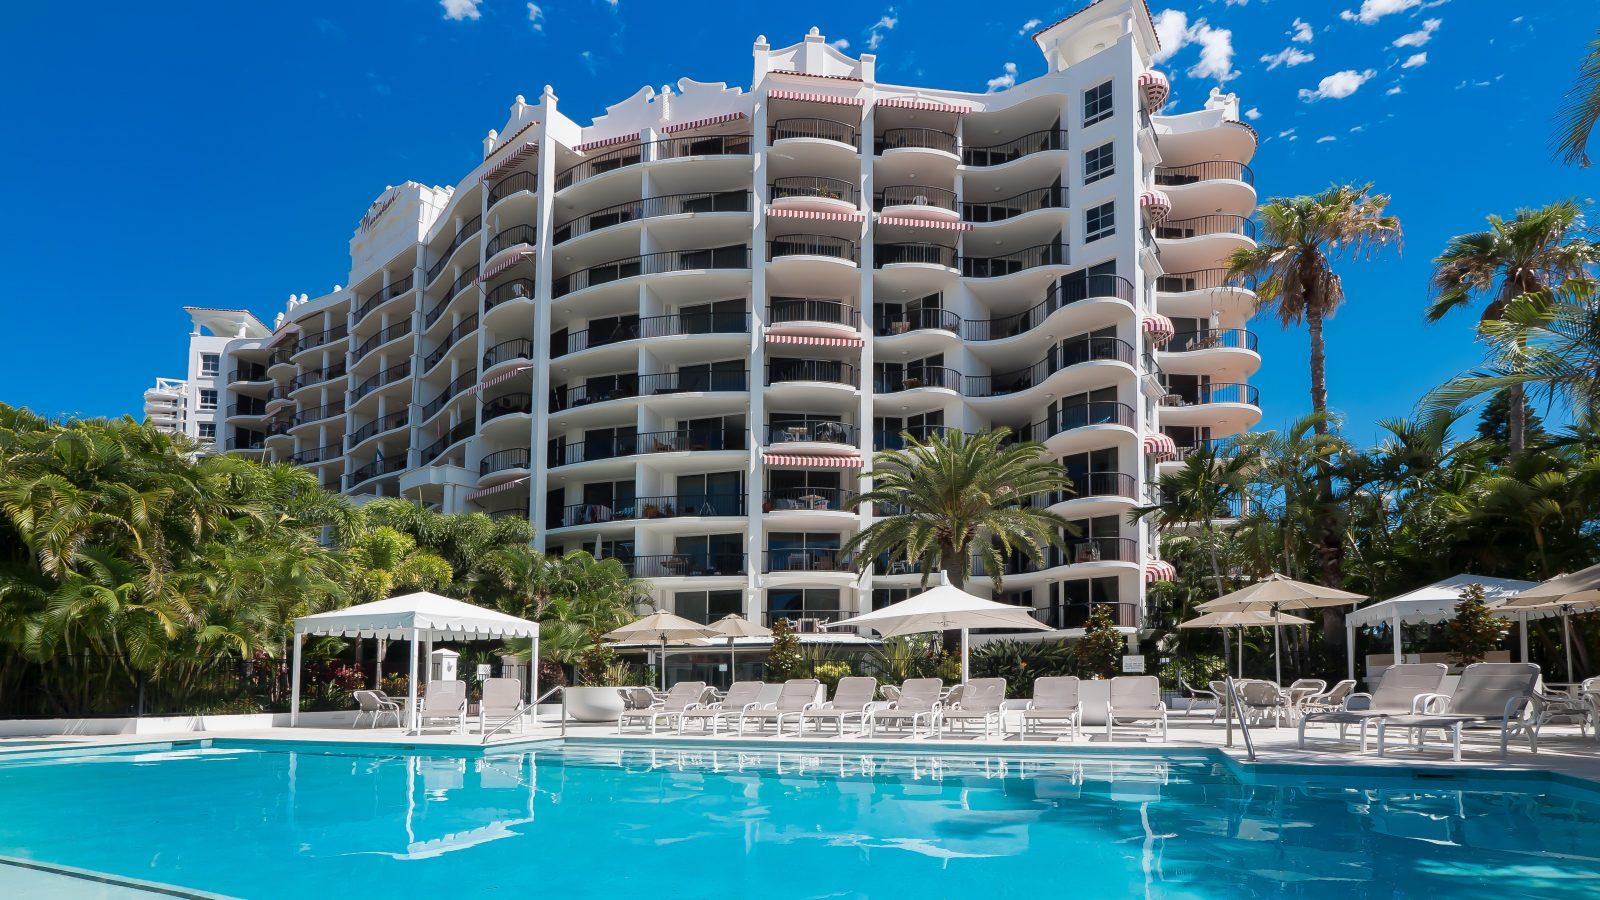 Marrakesh Apartments - Main pool deck